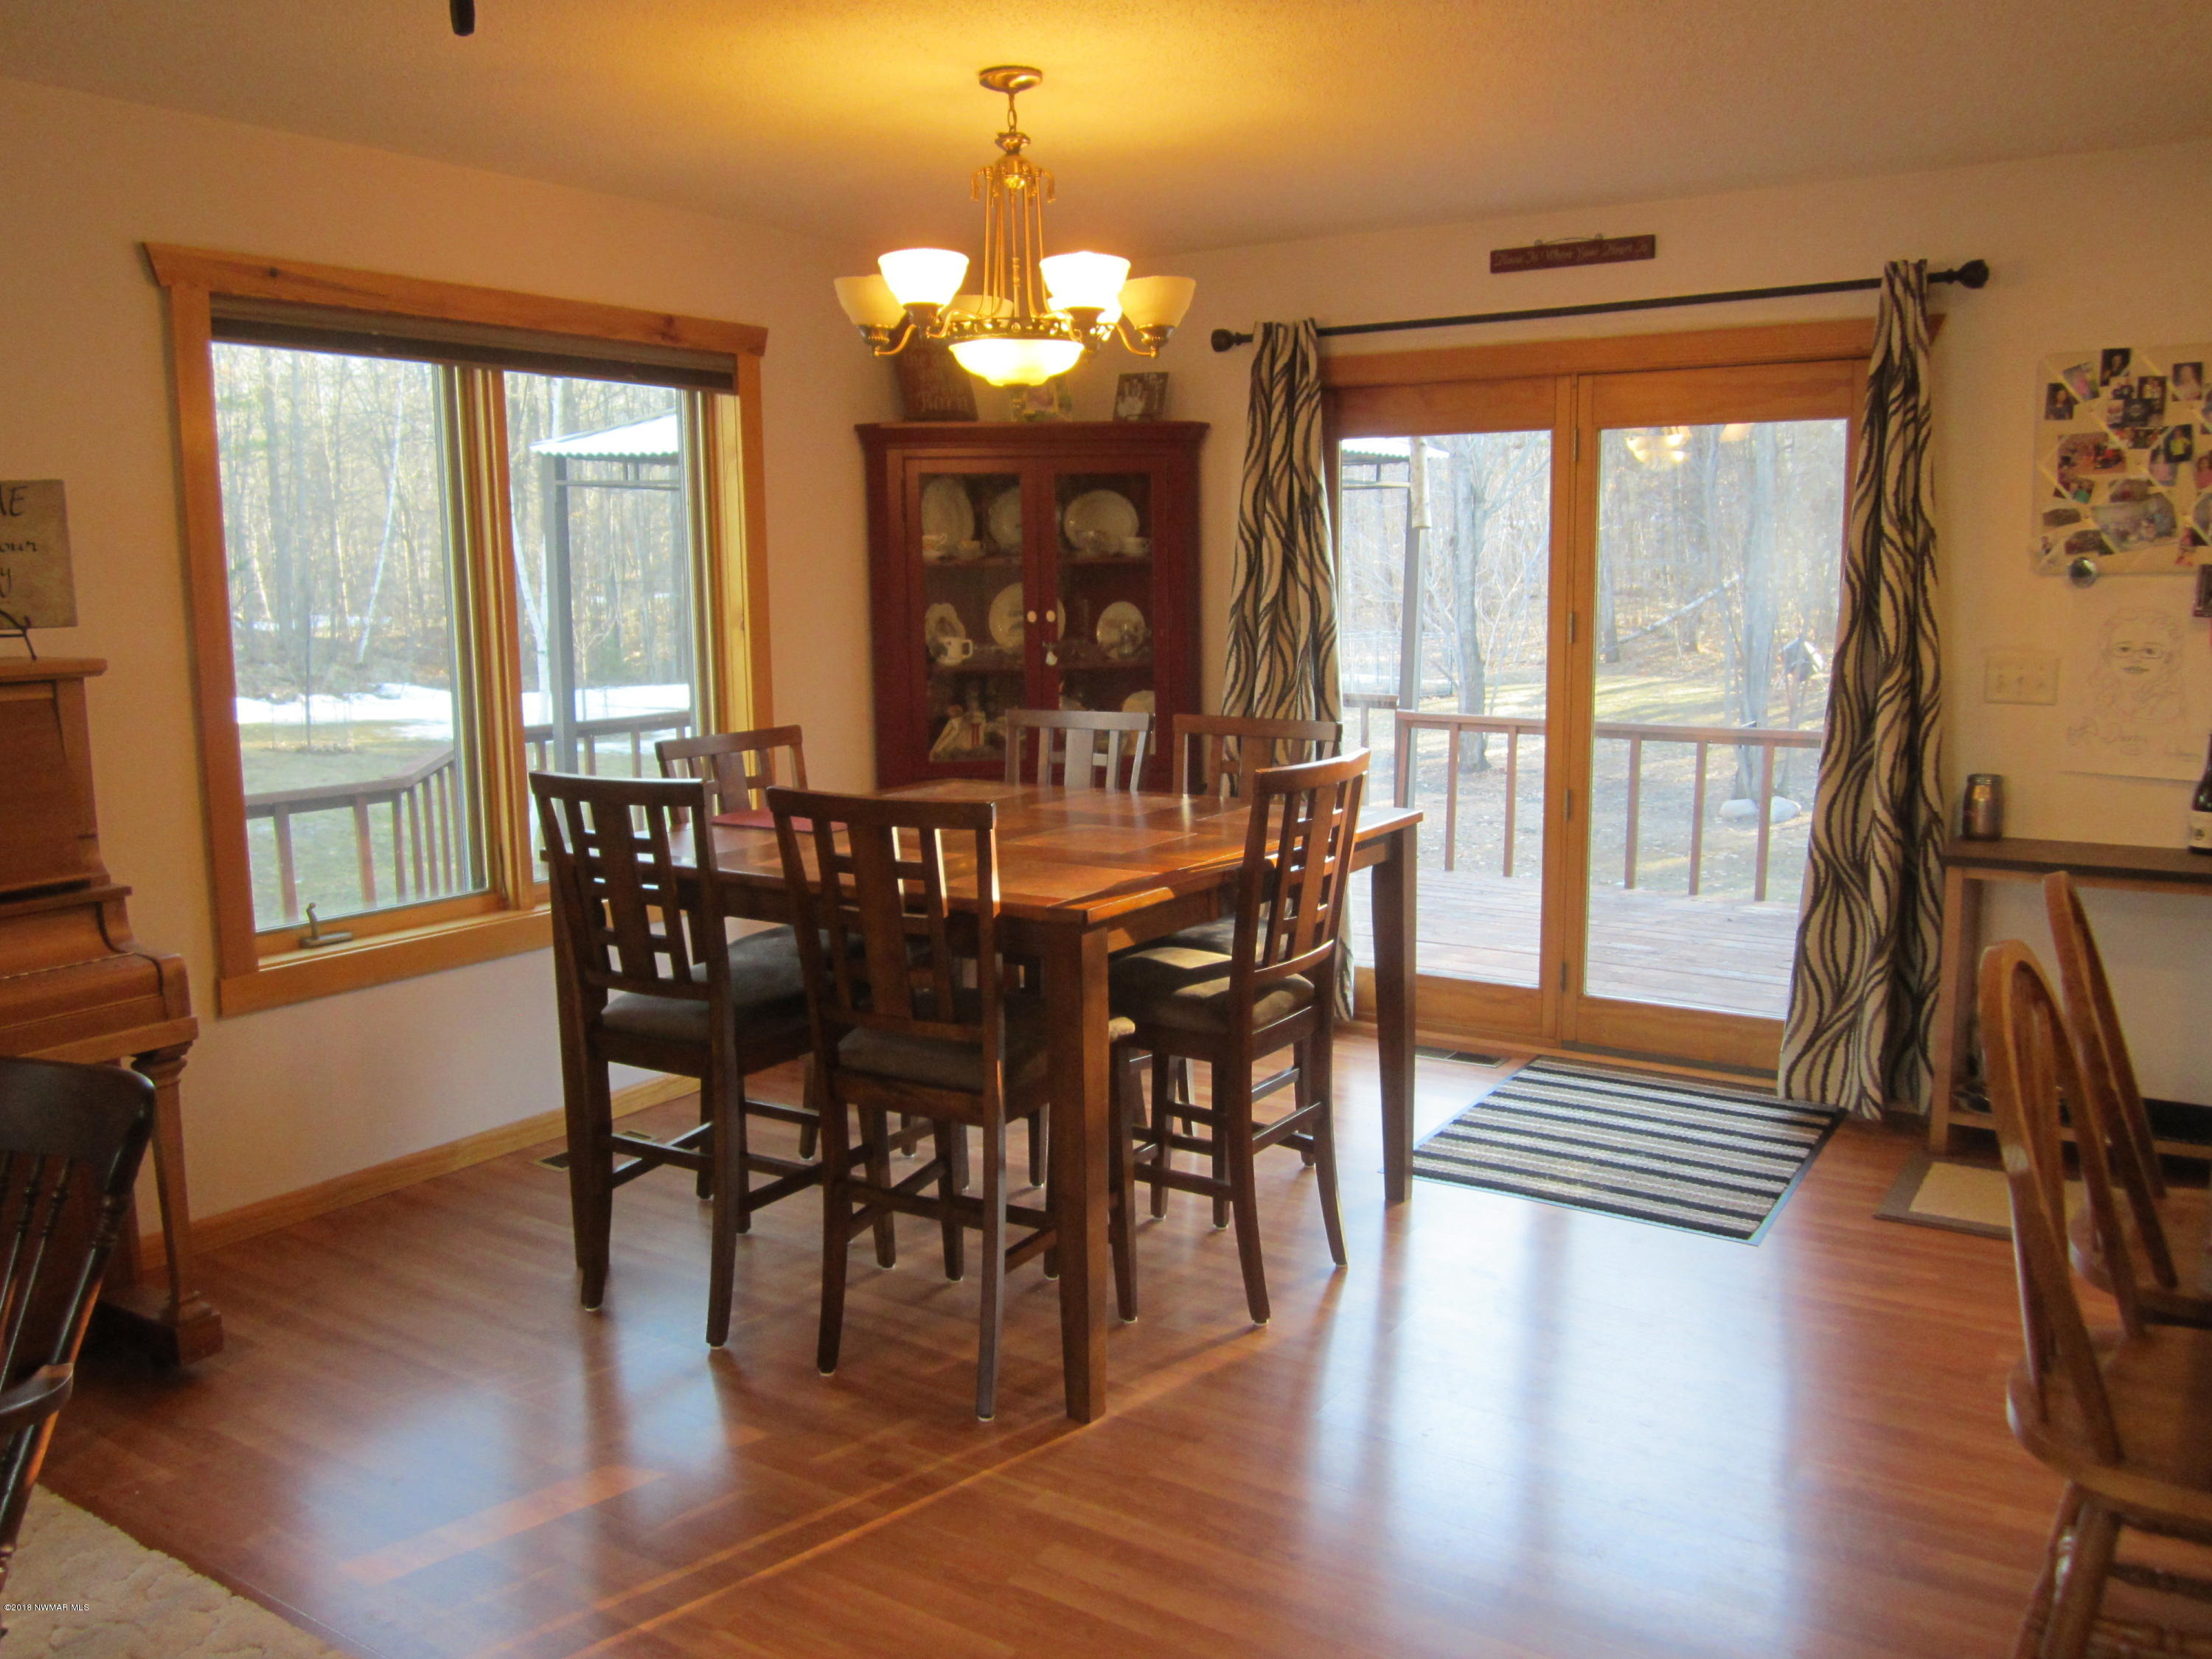 Dining room w/patio door to deck